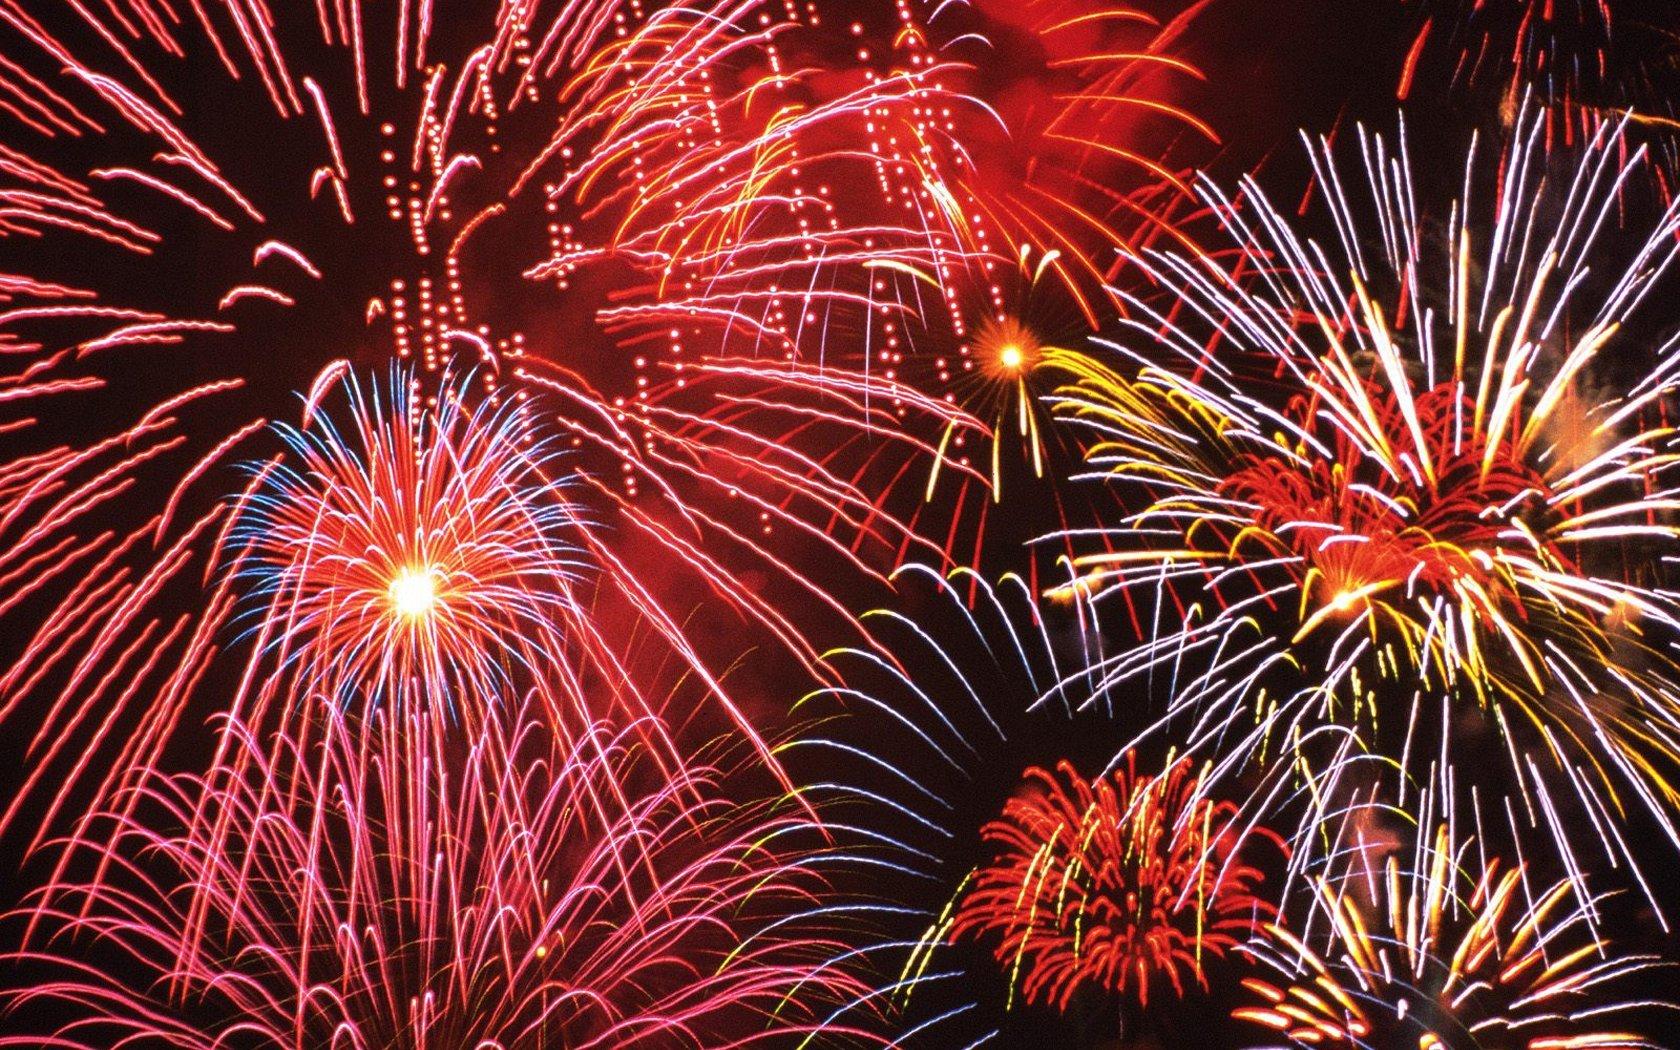 b306903dbe2e11266c8d_fireworks.jpg